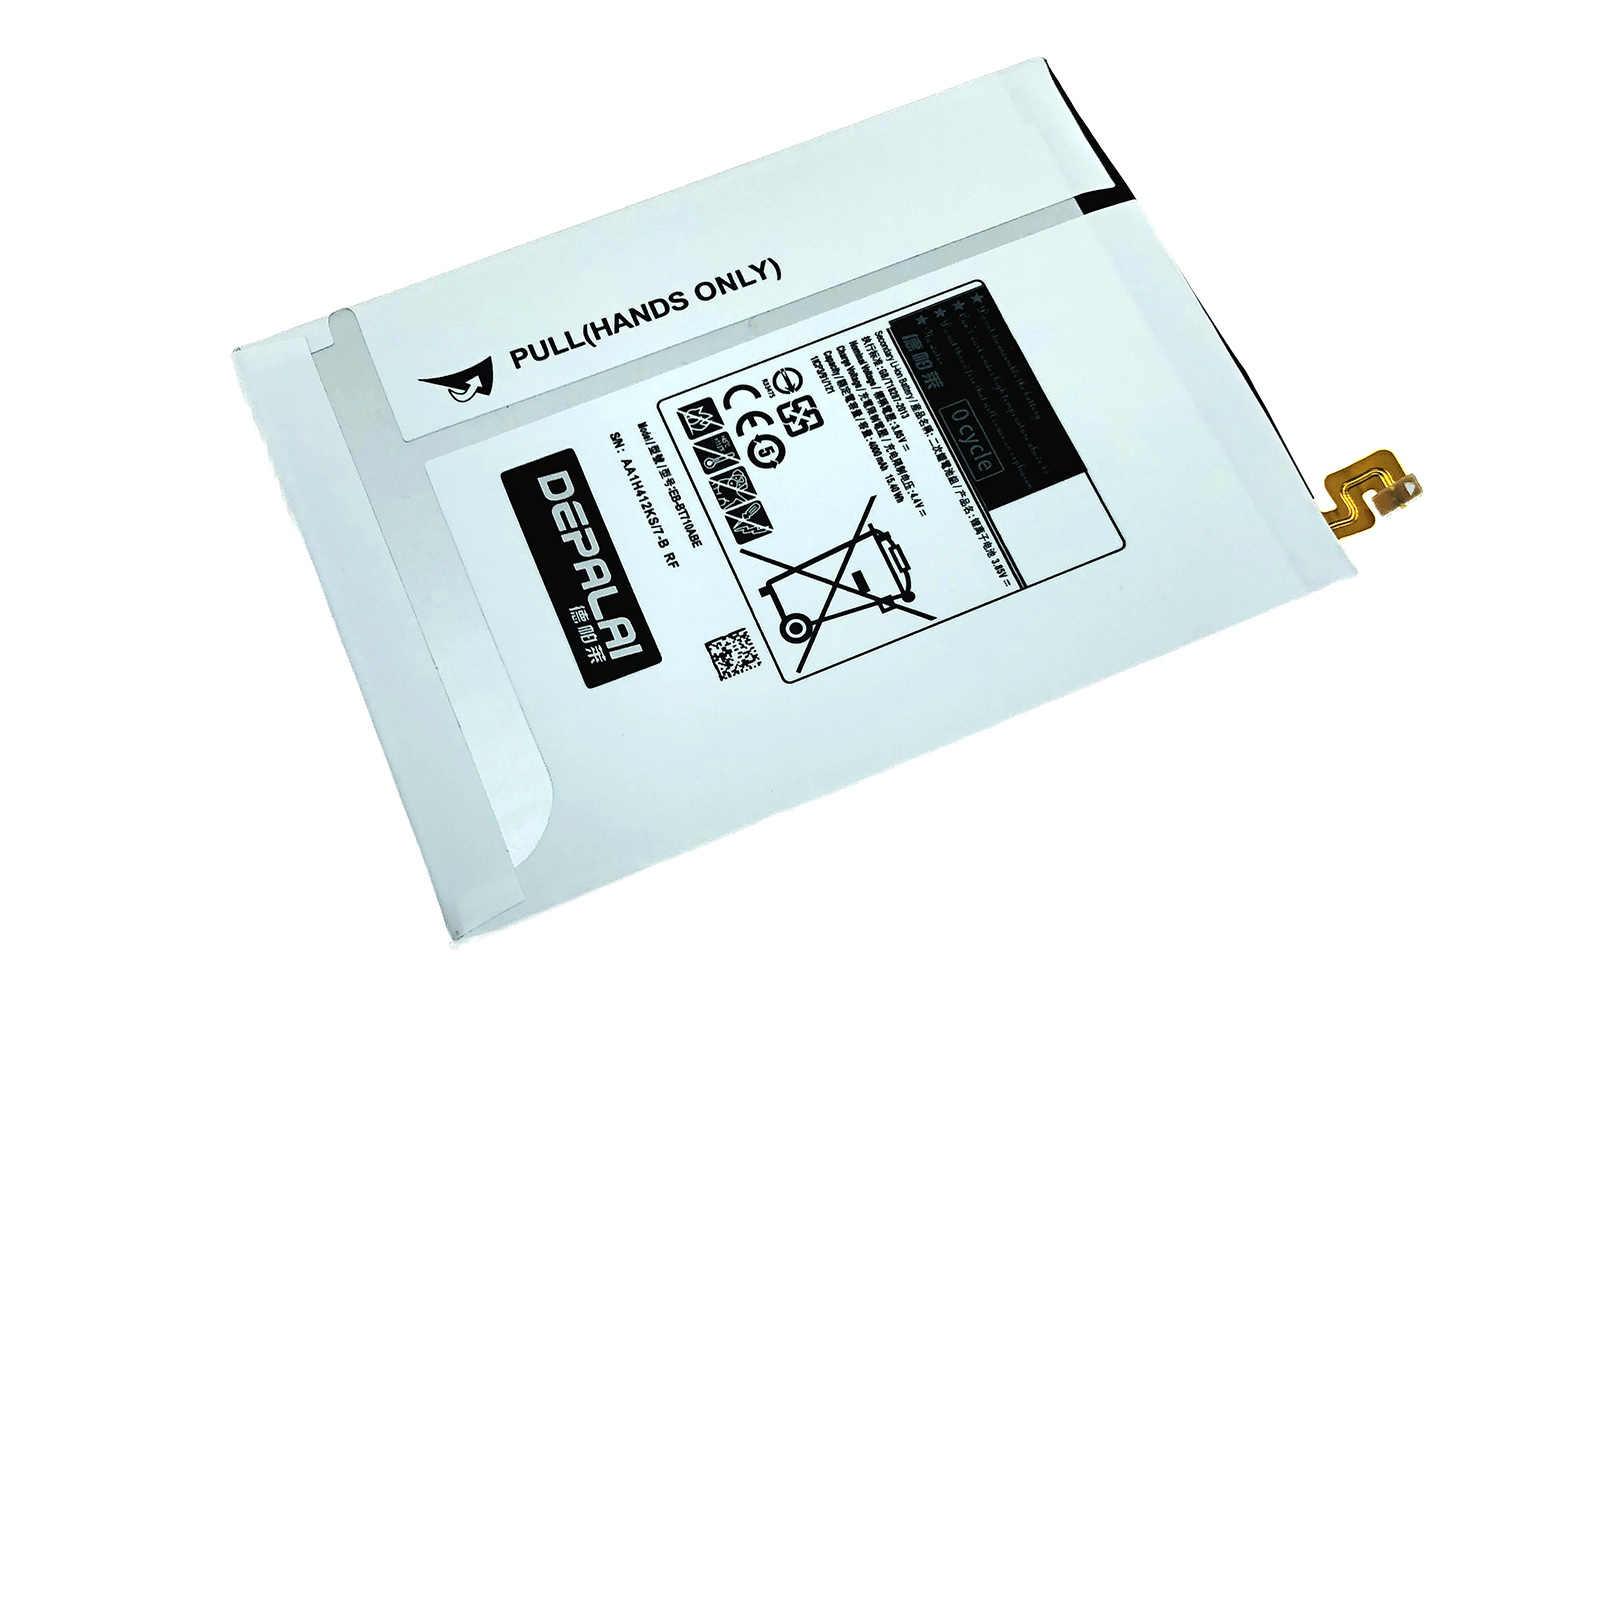 """4000 MAh EB-BT710ABA/EB-BT710ABE Baterai Pengganti untuk Samsung Galaxy Tablet Tab S2 8.0 """"SM-T710 T710 T715 Baterai"""